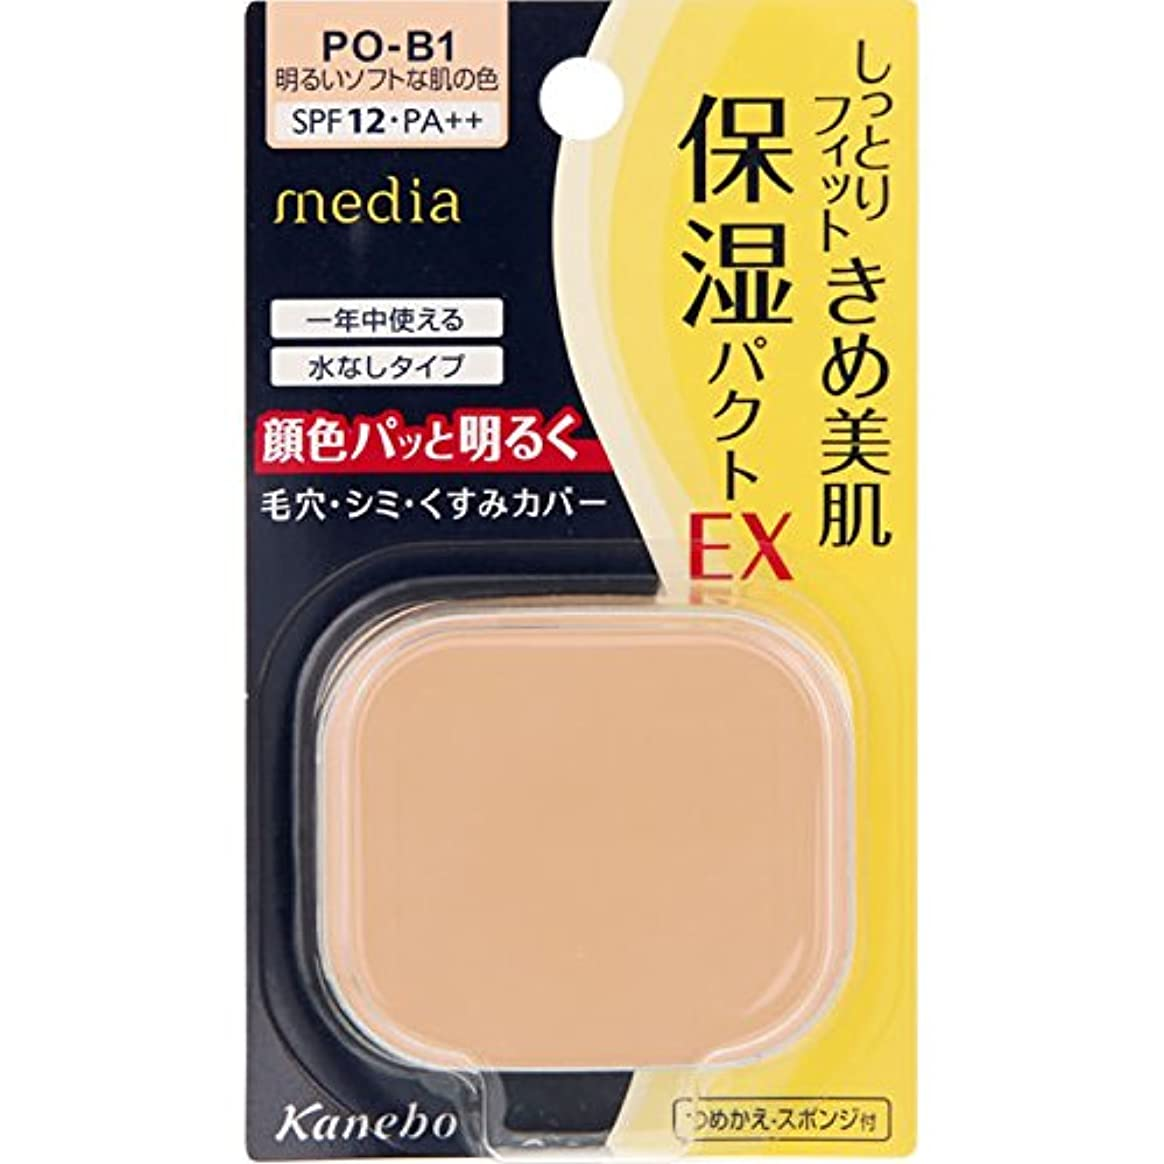 ミネラル解放添付カネボウ メディア モイストフィットパクトEX<つめかえ> PO-B1(11g)